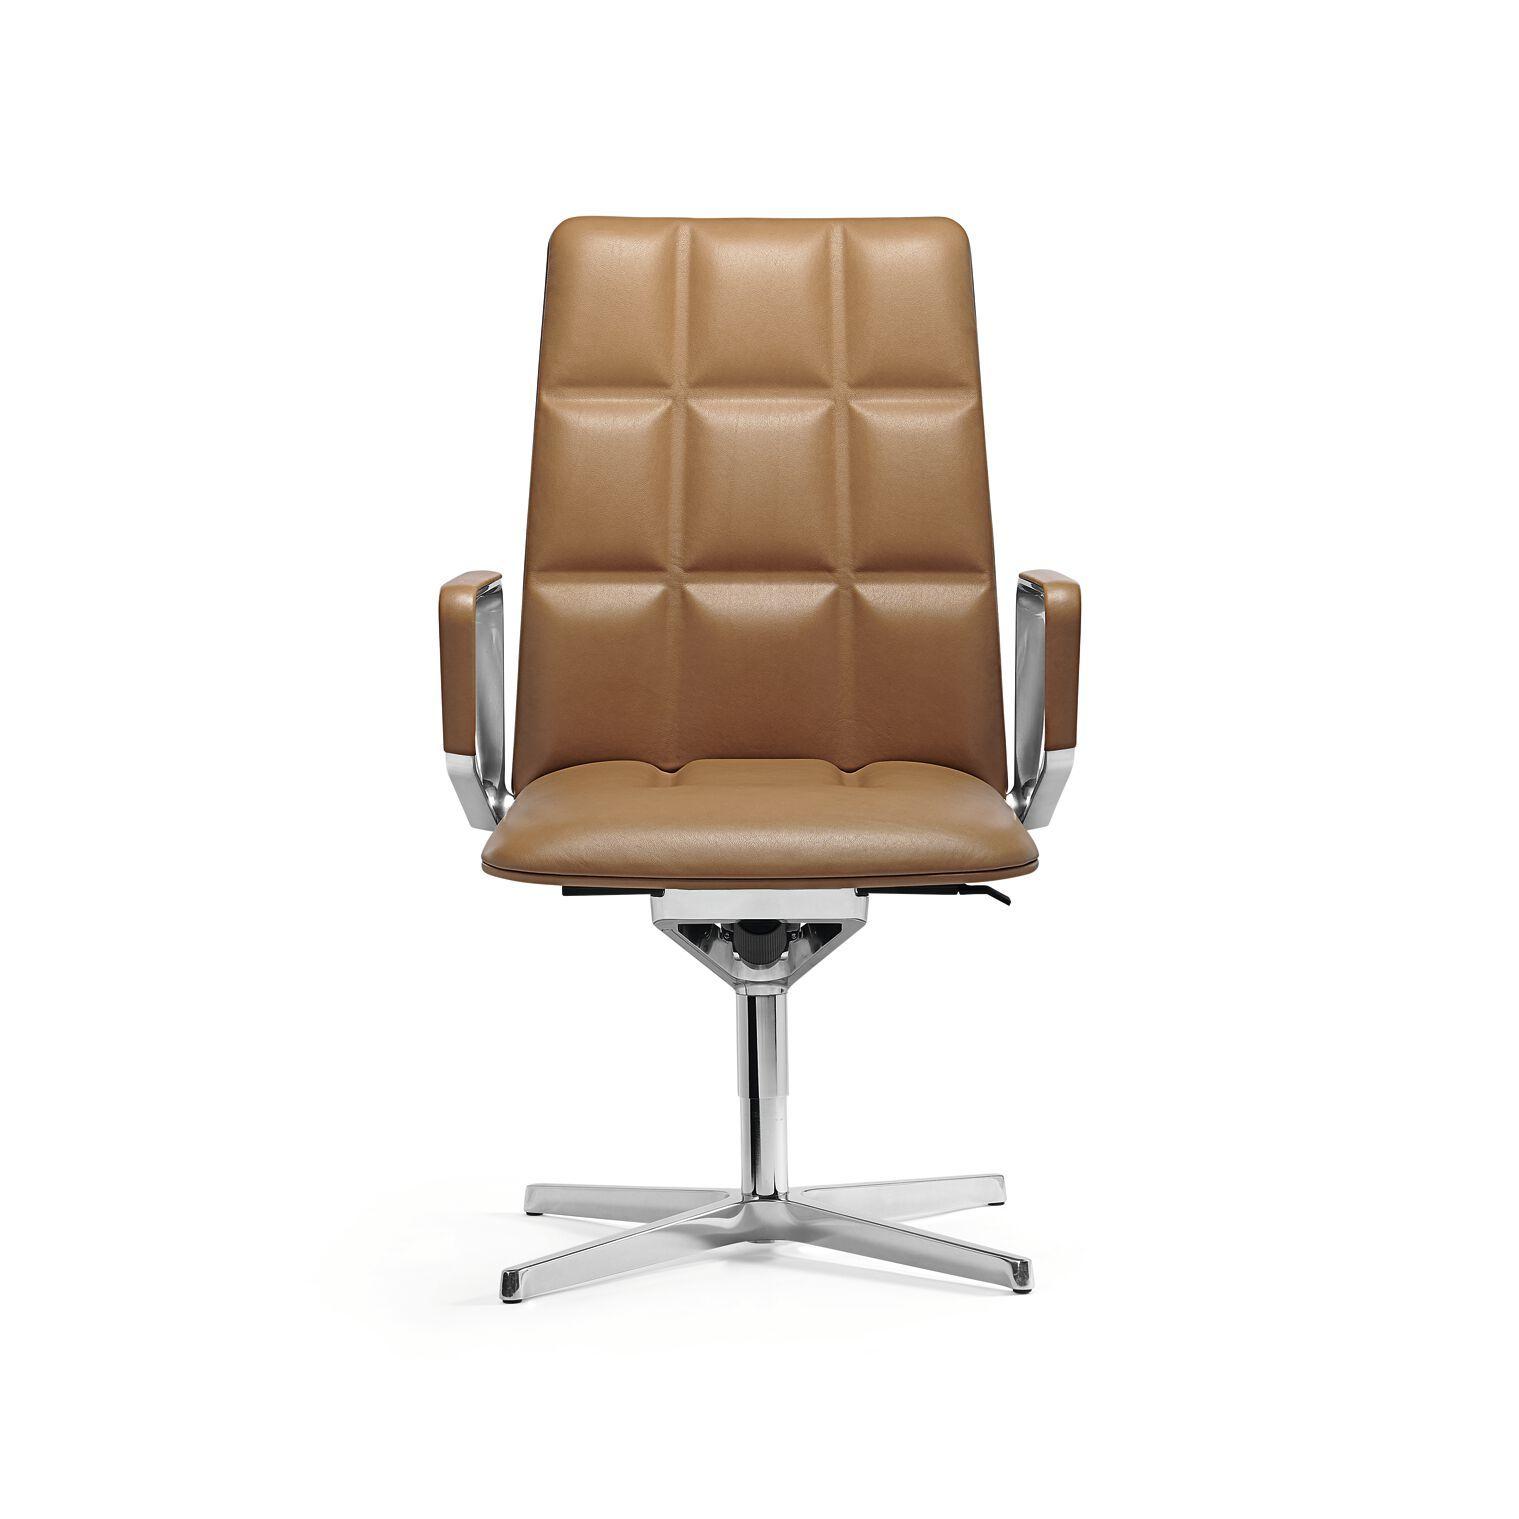 08-WK-Leadchair-0056-H.tif